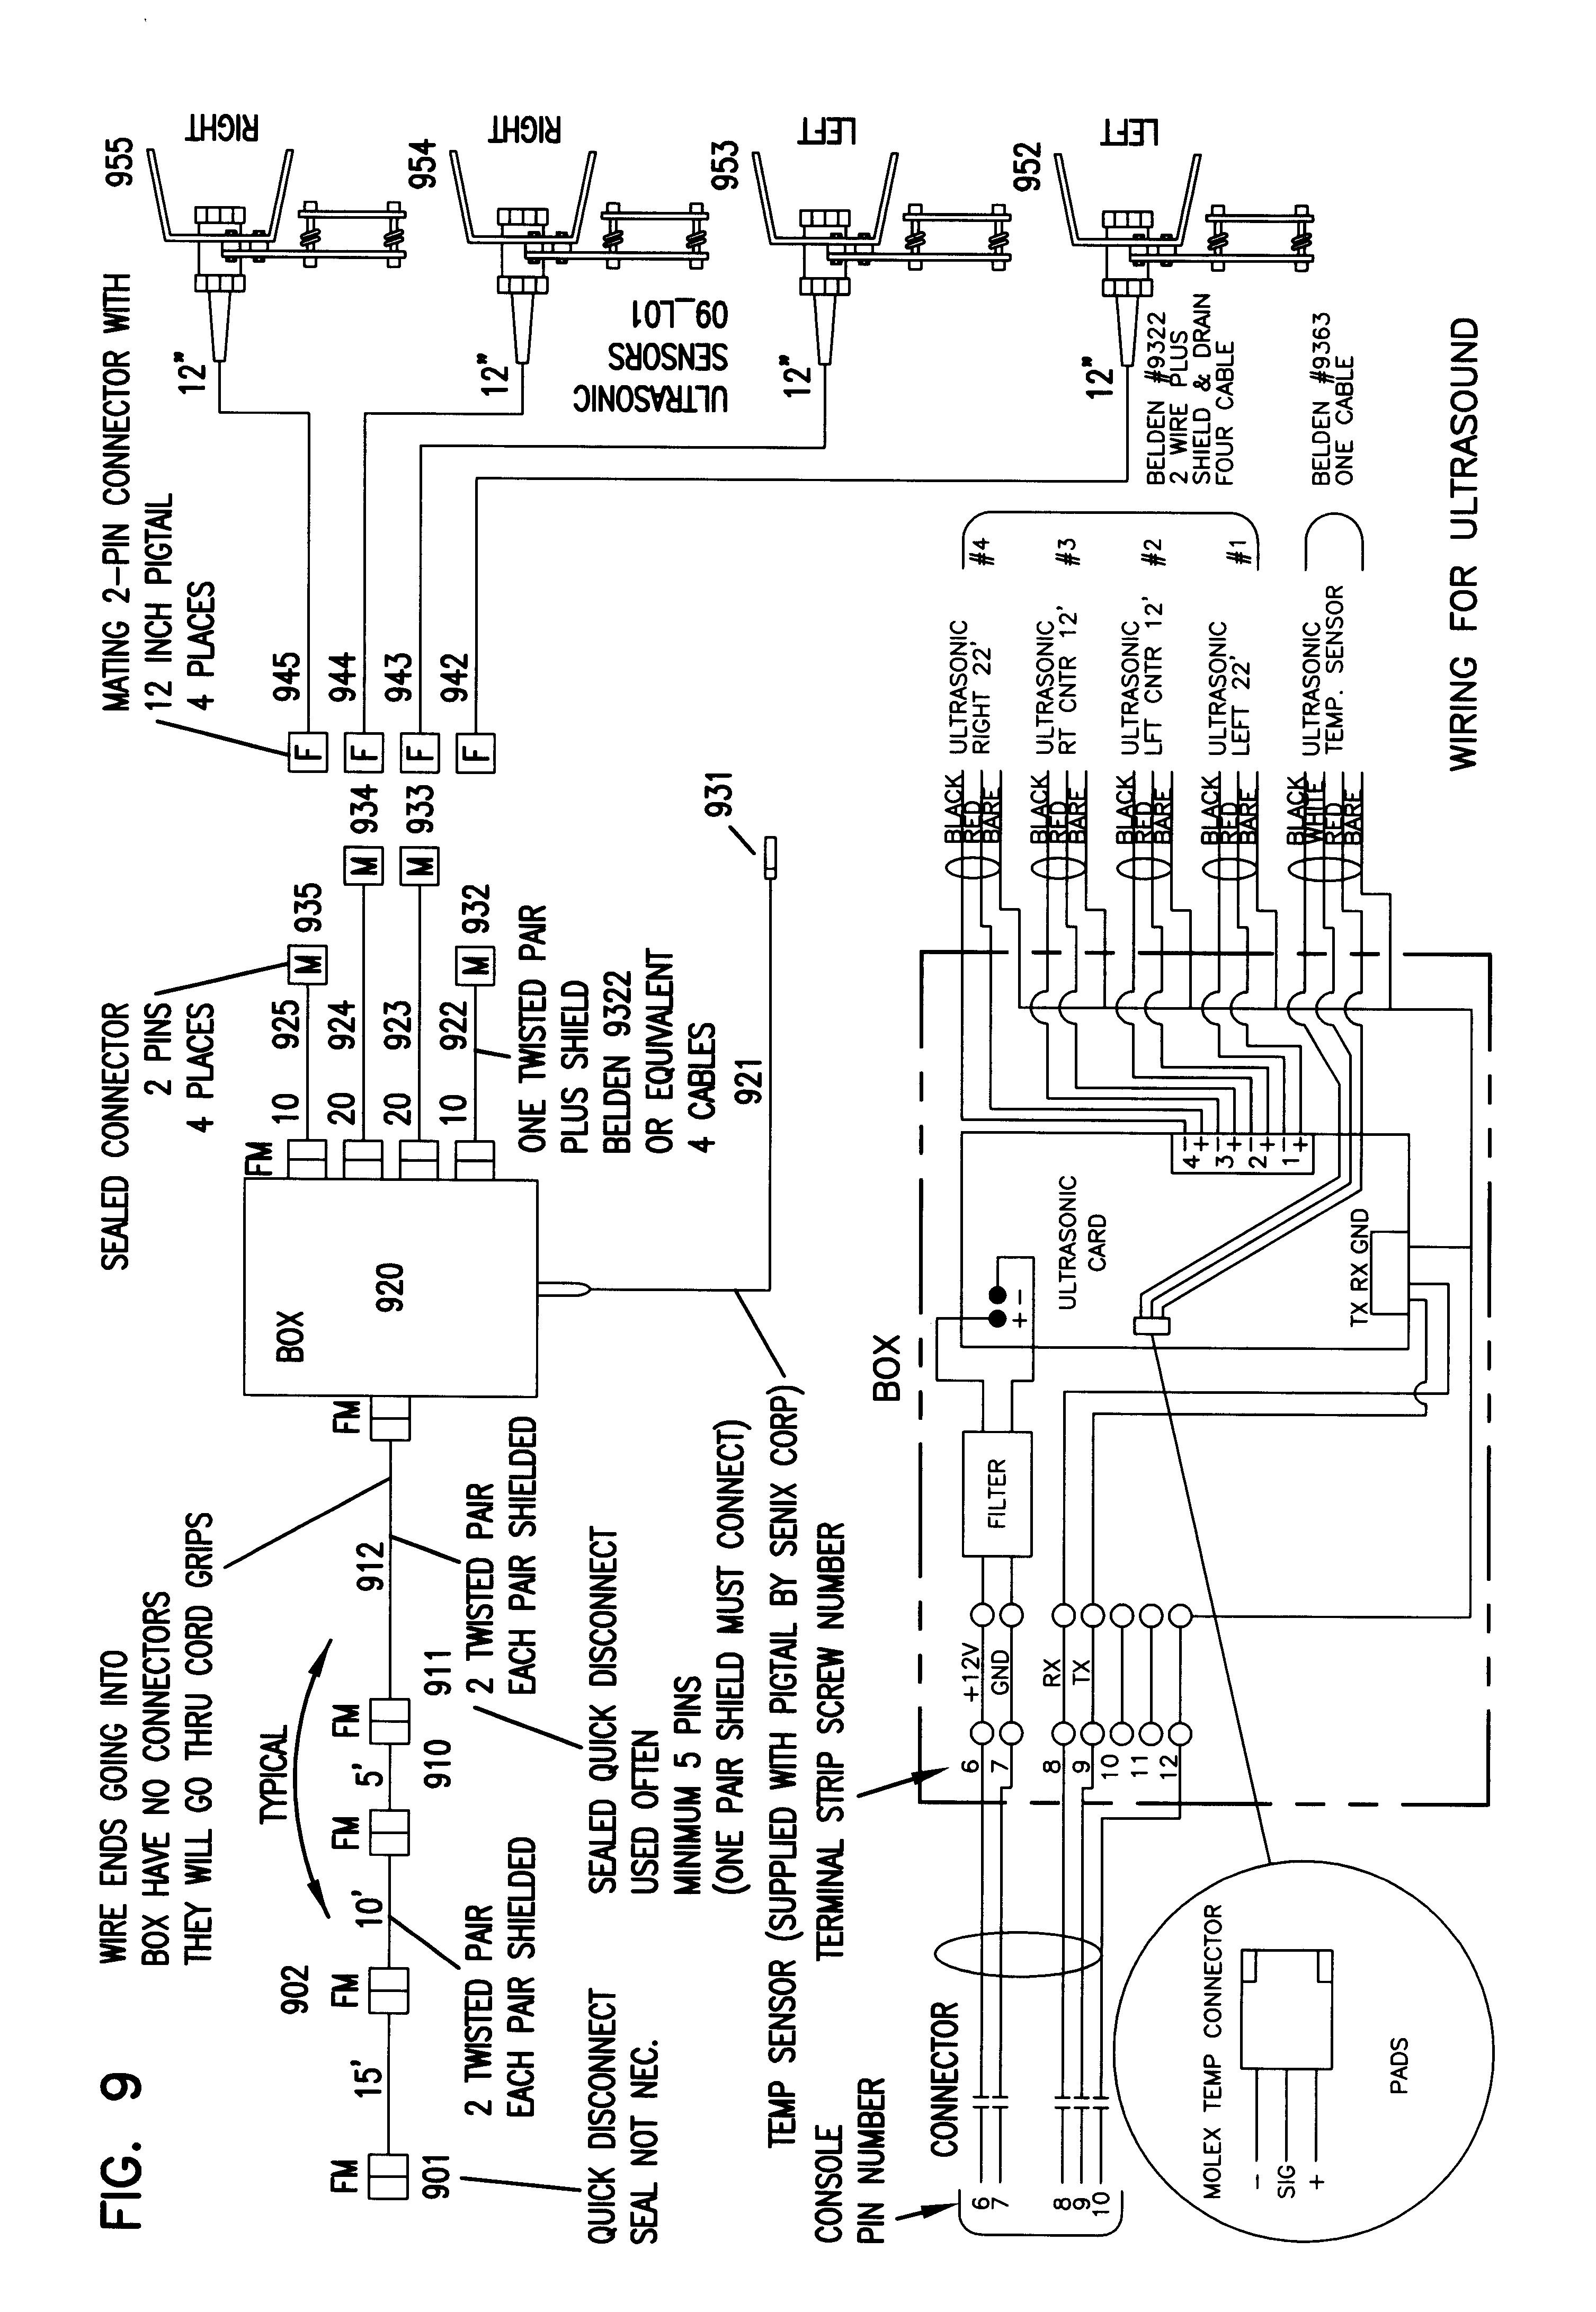 6620 John Deere Combine Wiring Diagram : John deere combine wiring harness diagram